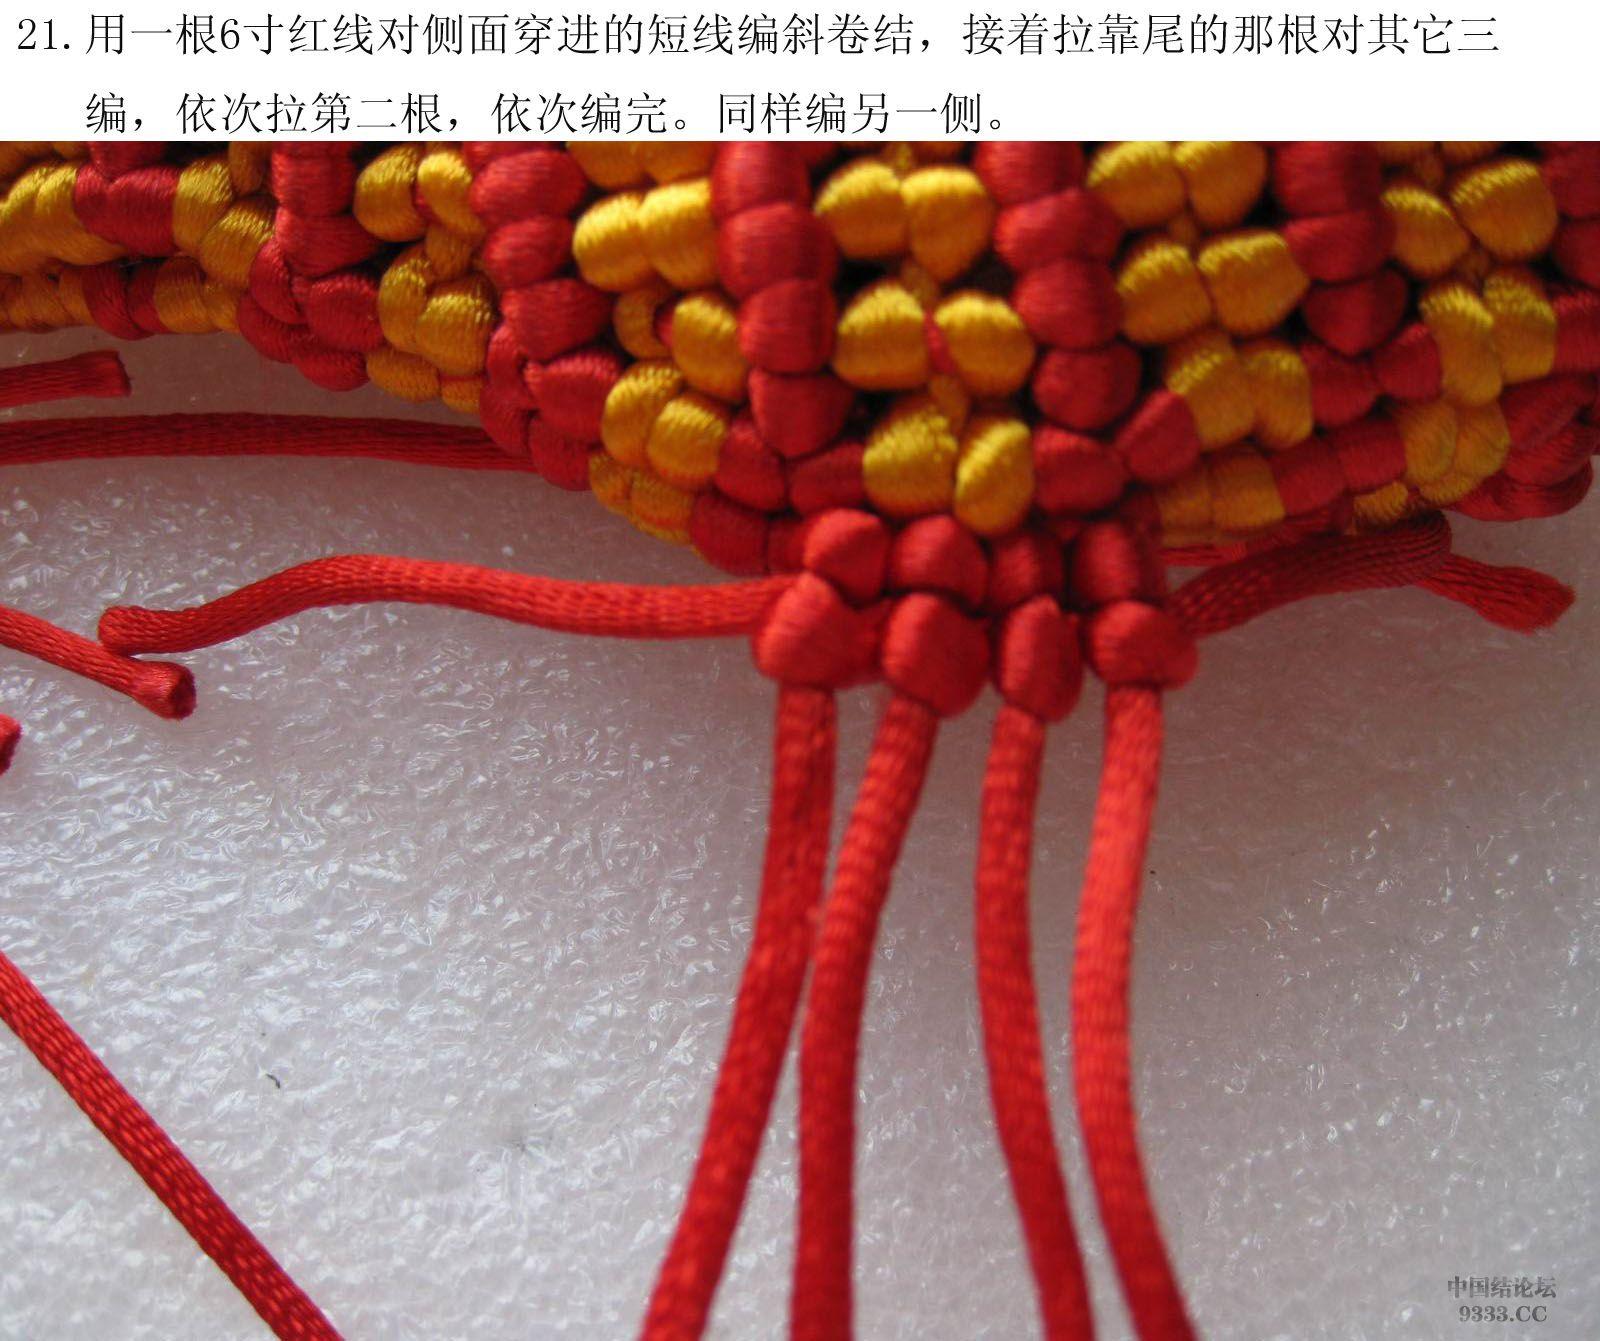 中国结论坛 我发一个鲤鱼教程  立体绳结教程与交流区 09091607165284e68ddadbe37b